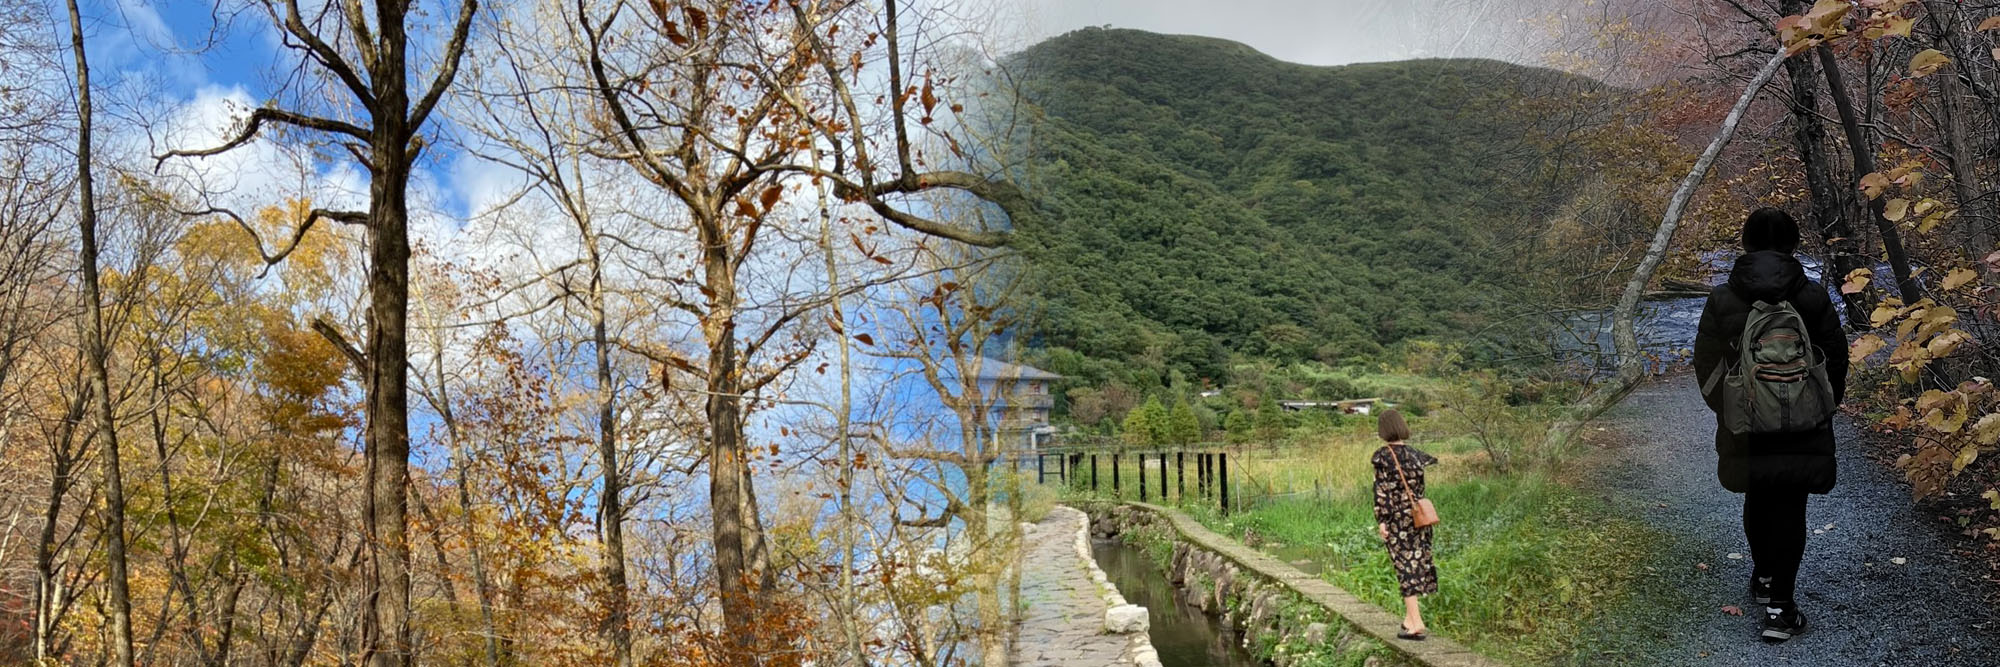 台灣基督徒女性靈修協會109年靈修之旅 – 冬季在以馬忤斯遇見主-陪妳、培力,與祂同行